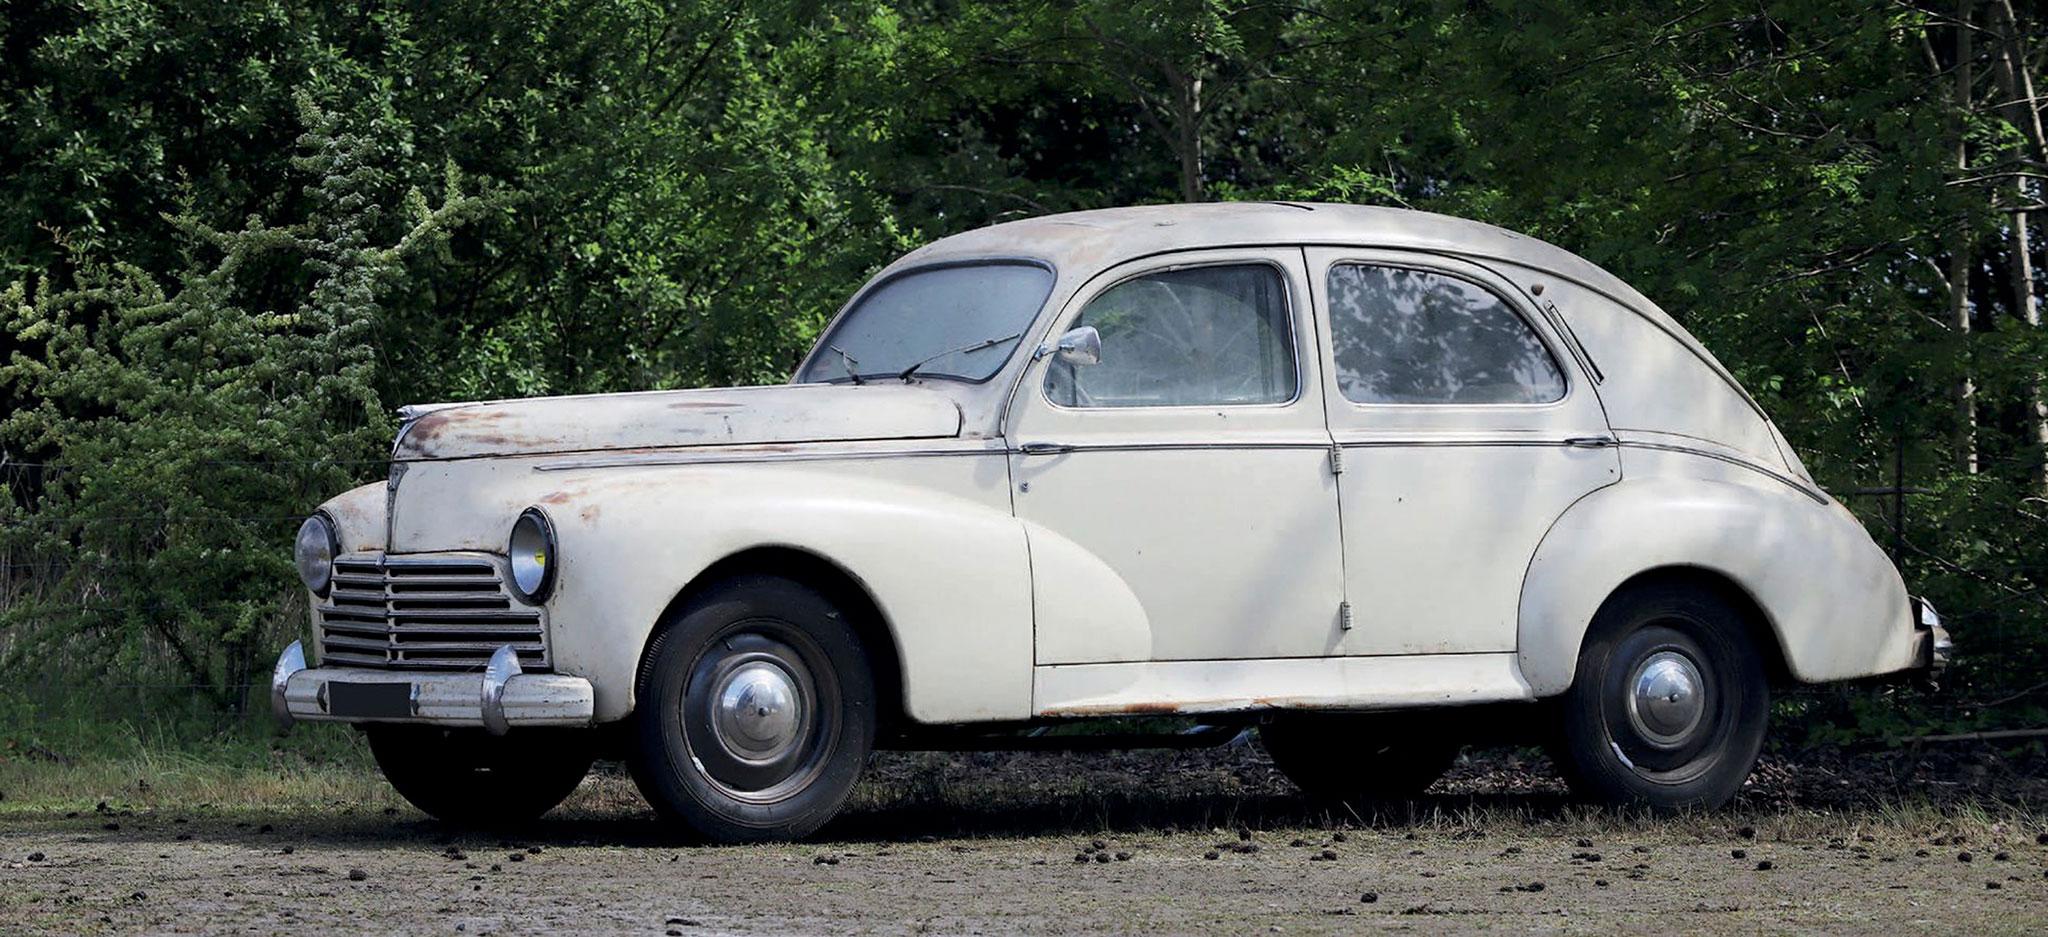 1950 Peugeot 203 A Berline € 3000 - 5000 - Populaires Françaises.